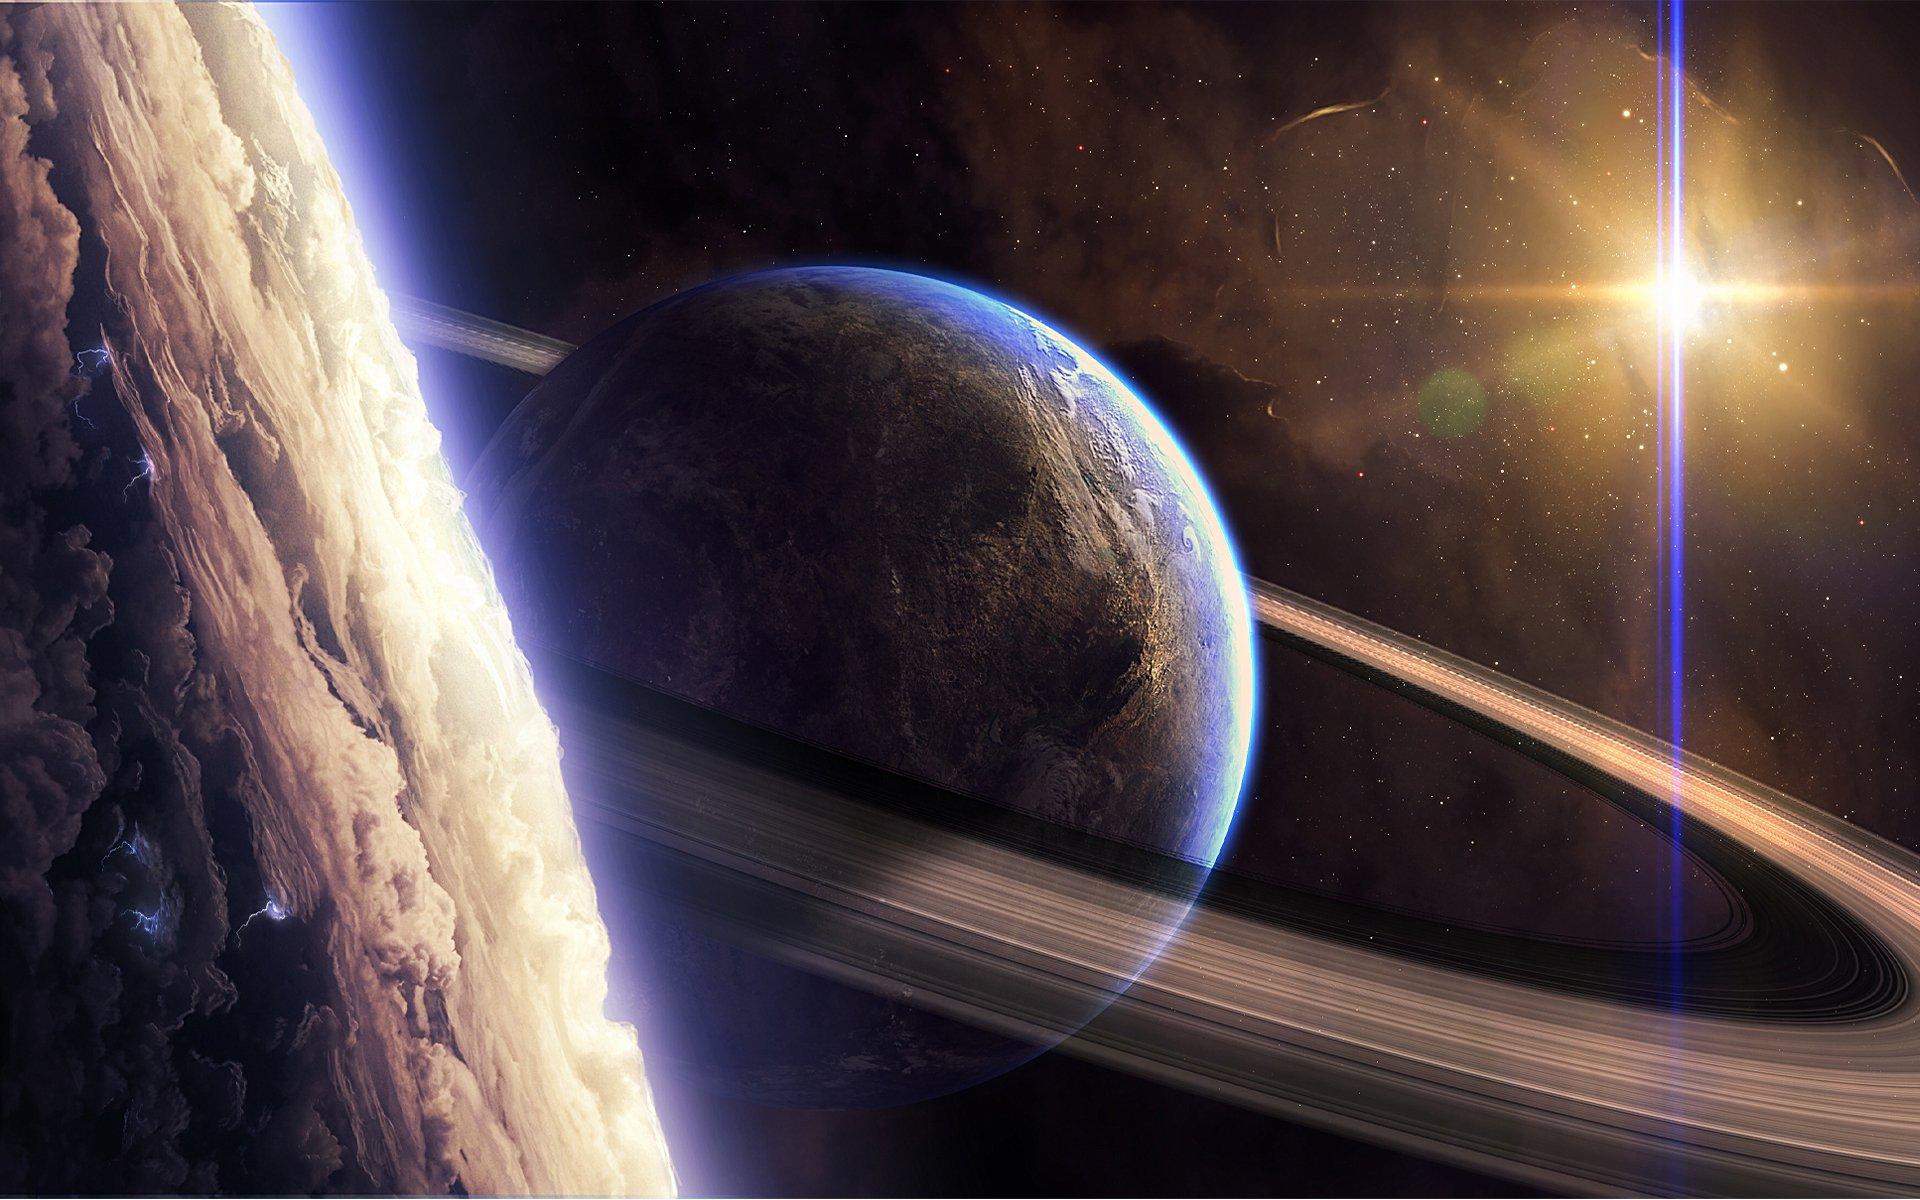 Обои планета космос орбита картинки на рабочий стол на тему Космос - скачать  № 1757013 без смс